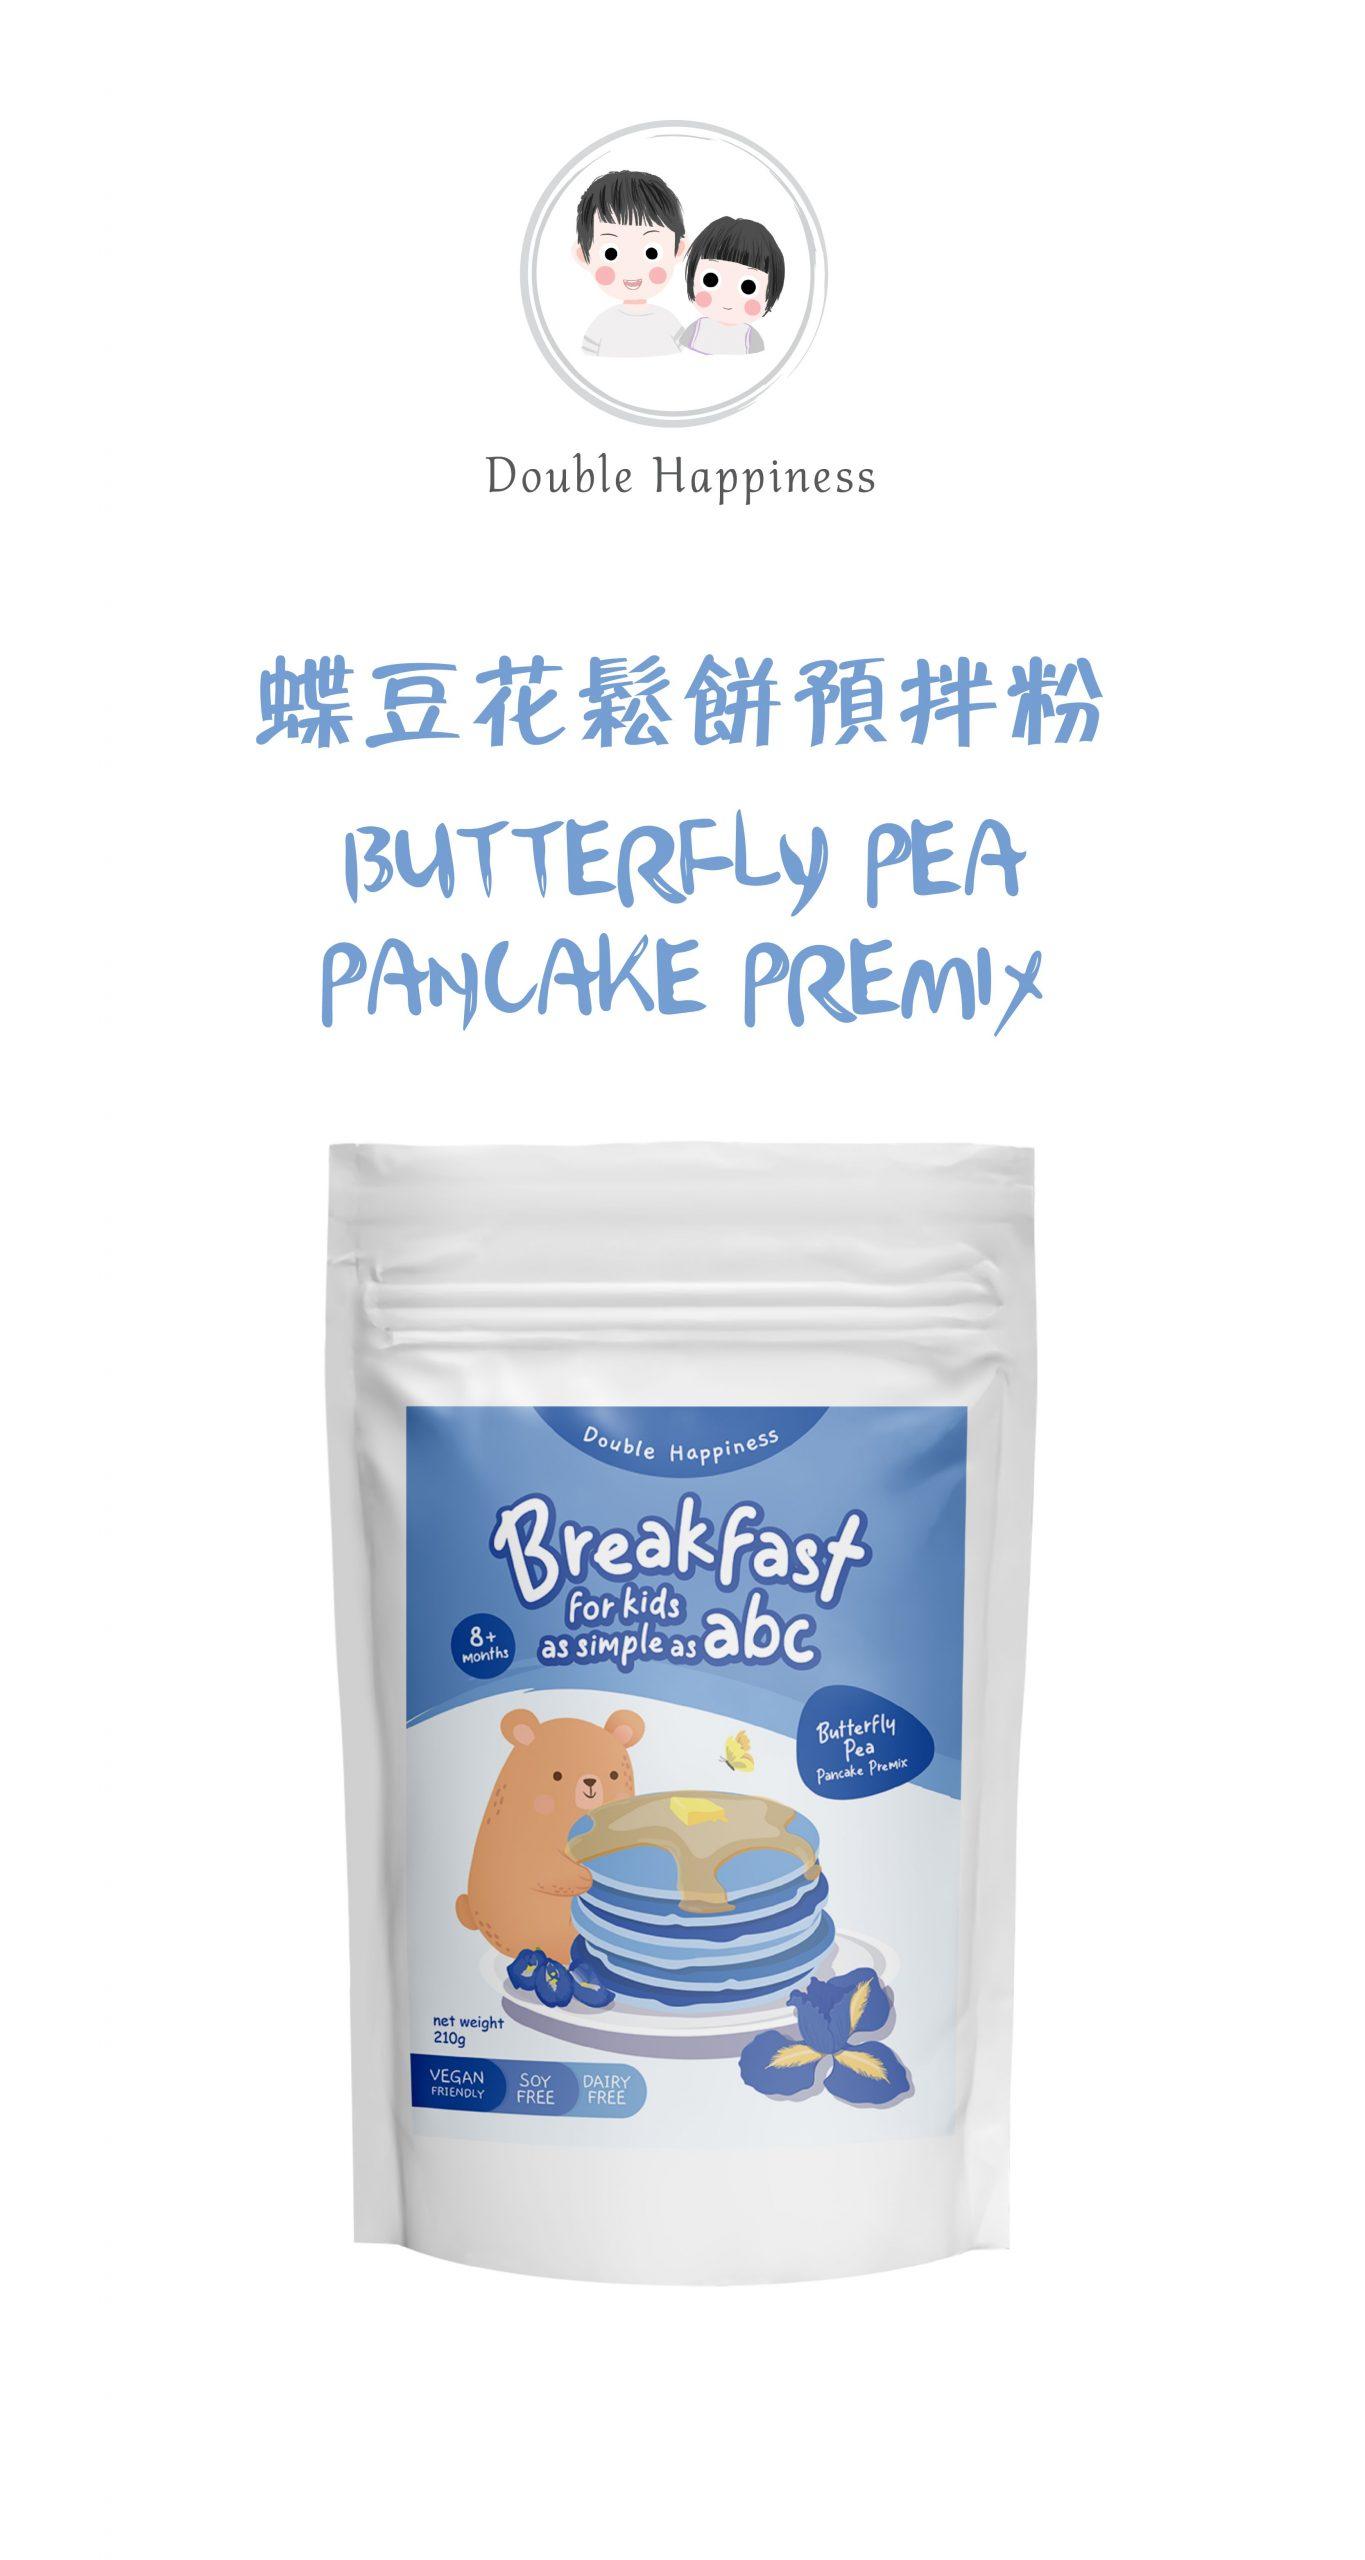 Butterfly Pea Pancake Premix